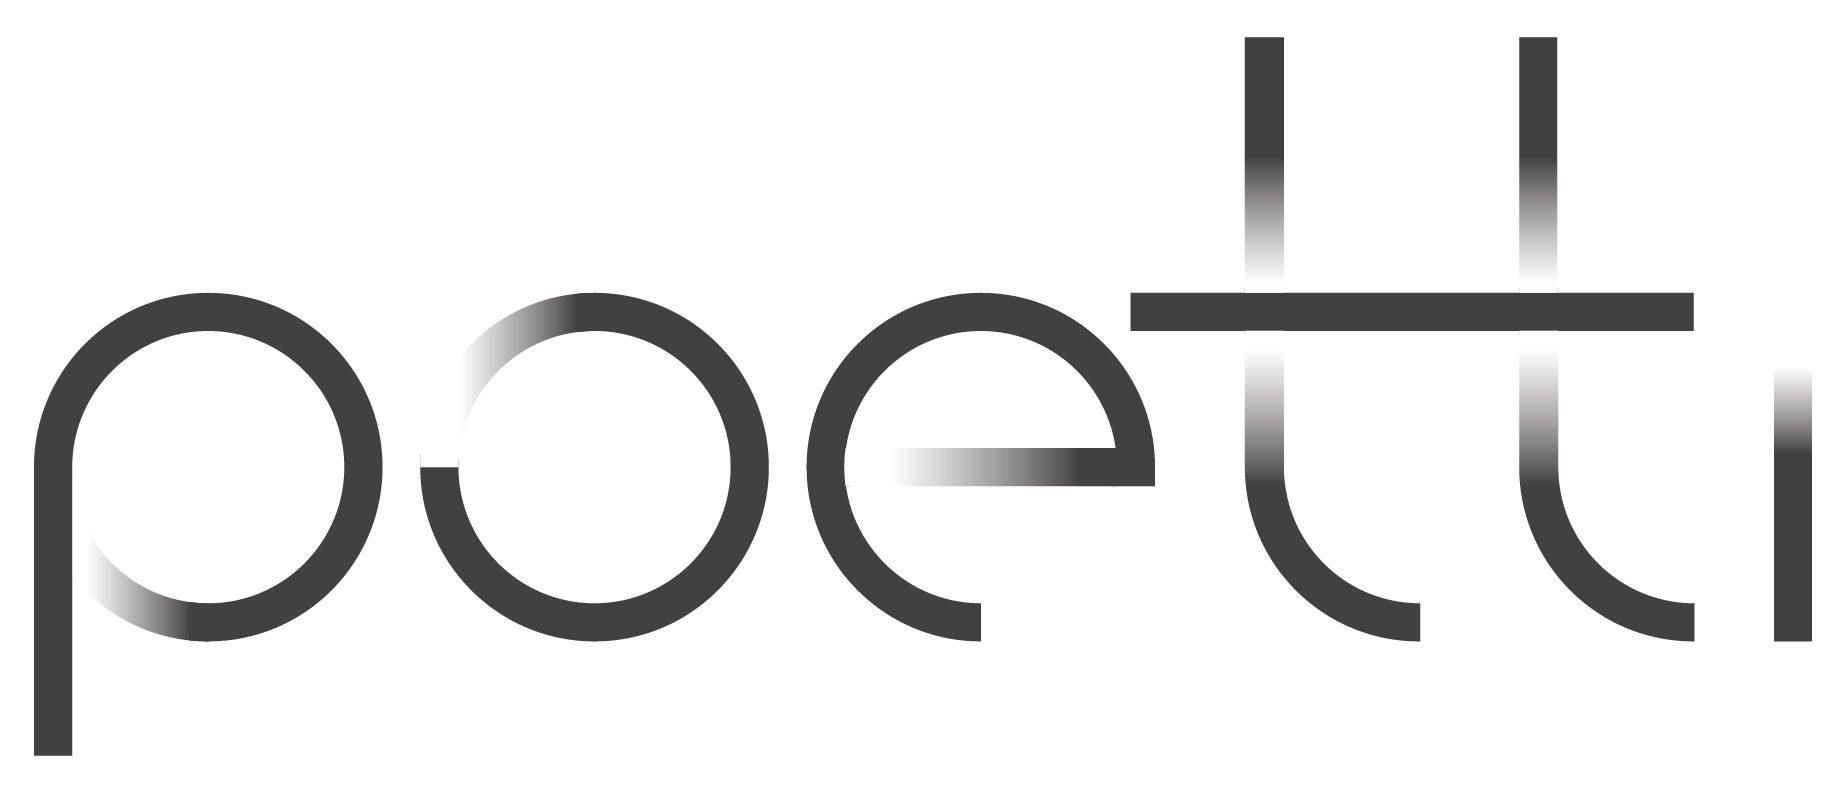 Poetti design